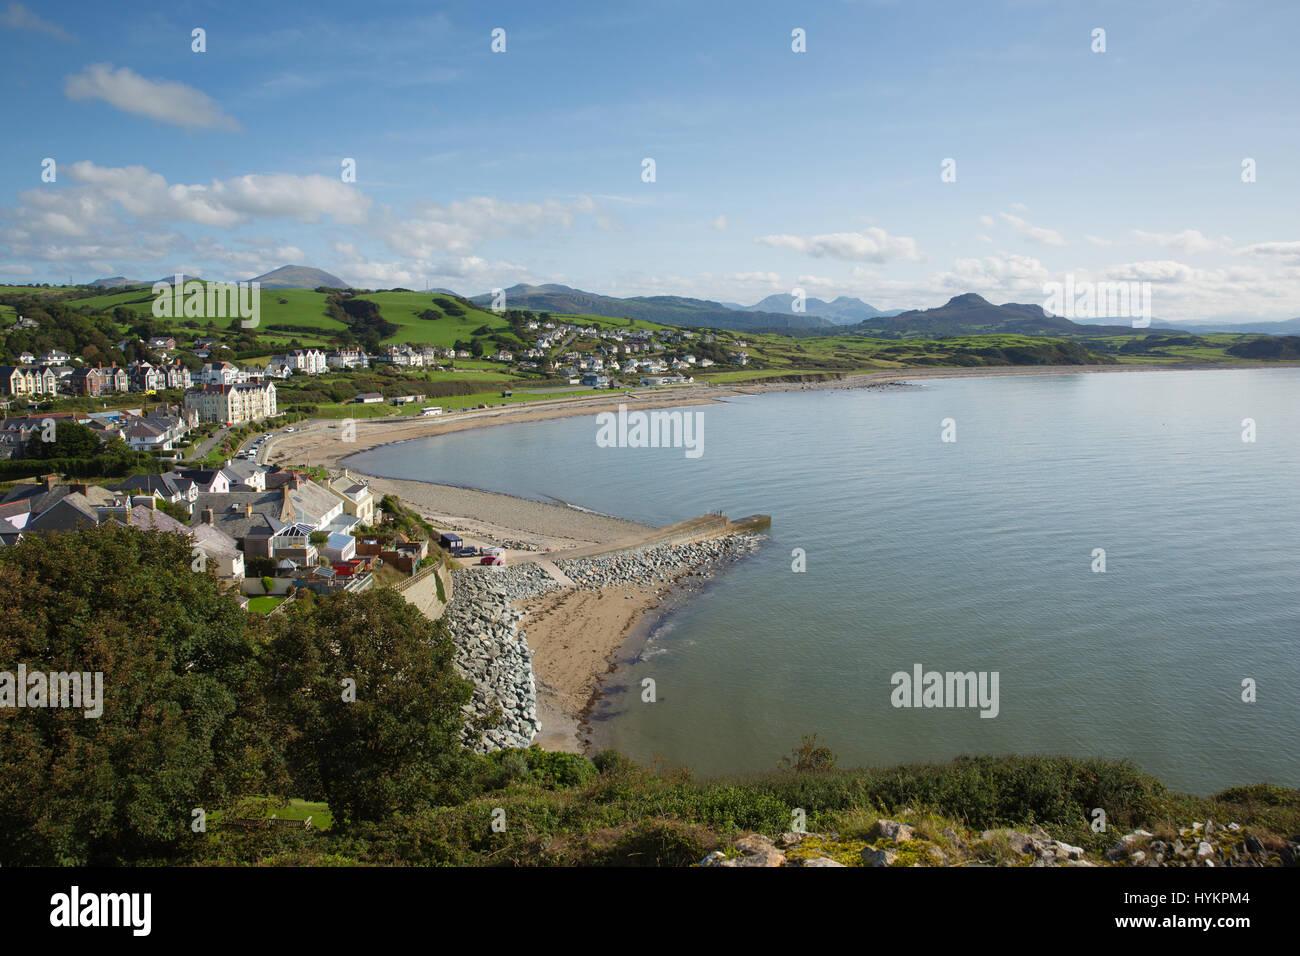 Criccieth Wales UK welsh coast town in Gwynedd located south of Caernarfon in summer on Cardigan Bay - Stock Image